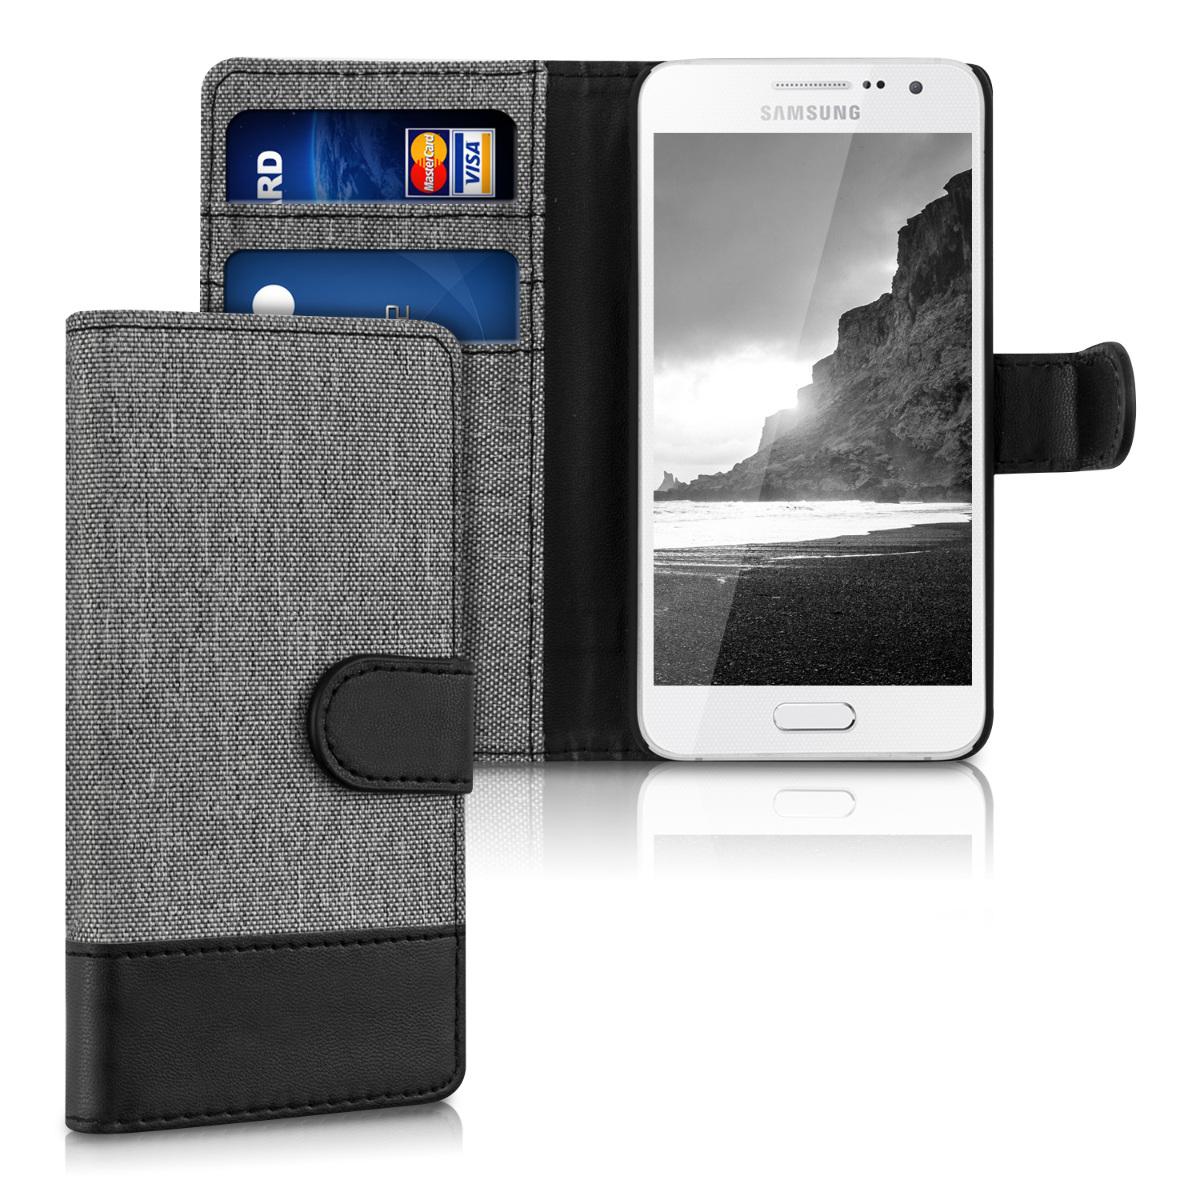 KW Θήκη Πορτοφόλι Samsung Galaxy A3 - Grey / Black Canvas (35286.22)